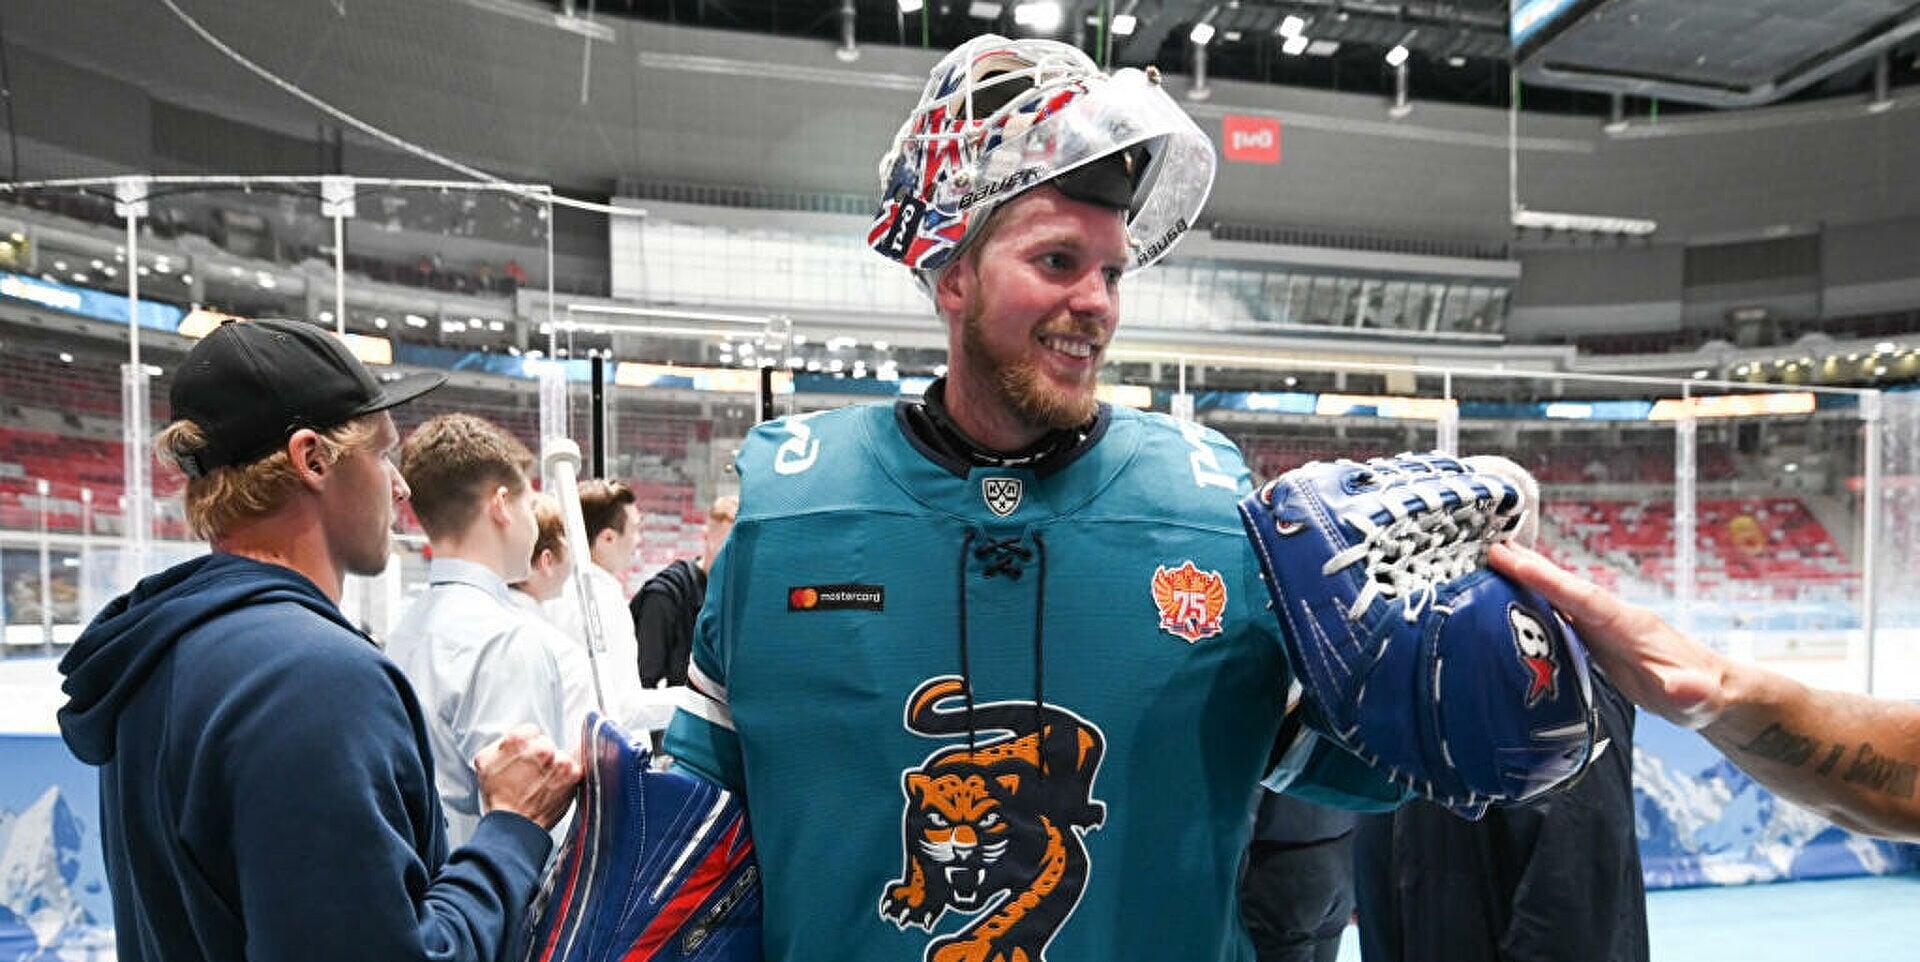 Магнус Хелльберг: «Хотелось бы еще раз попробовать заиграть в НХЛ. Интерес из Северной Америки есть»